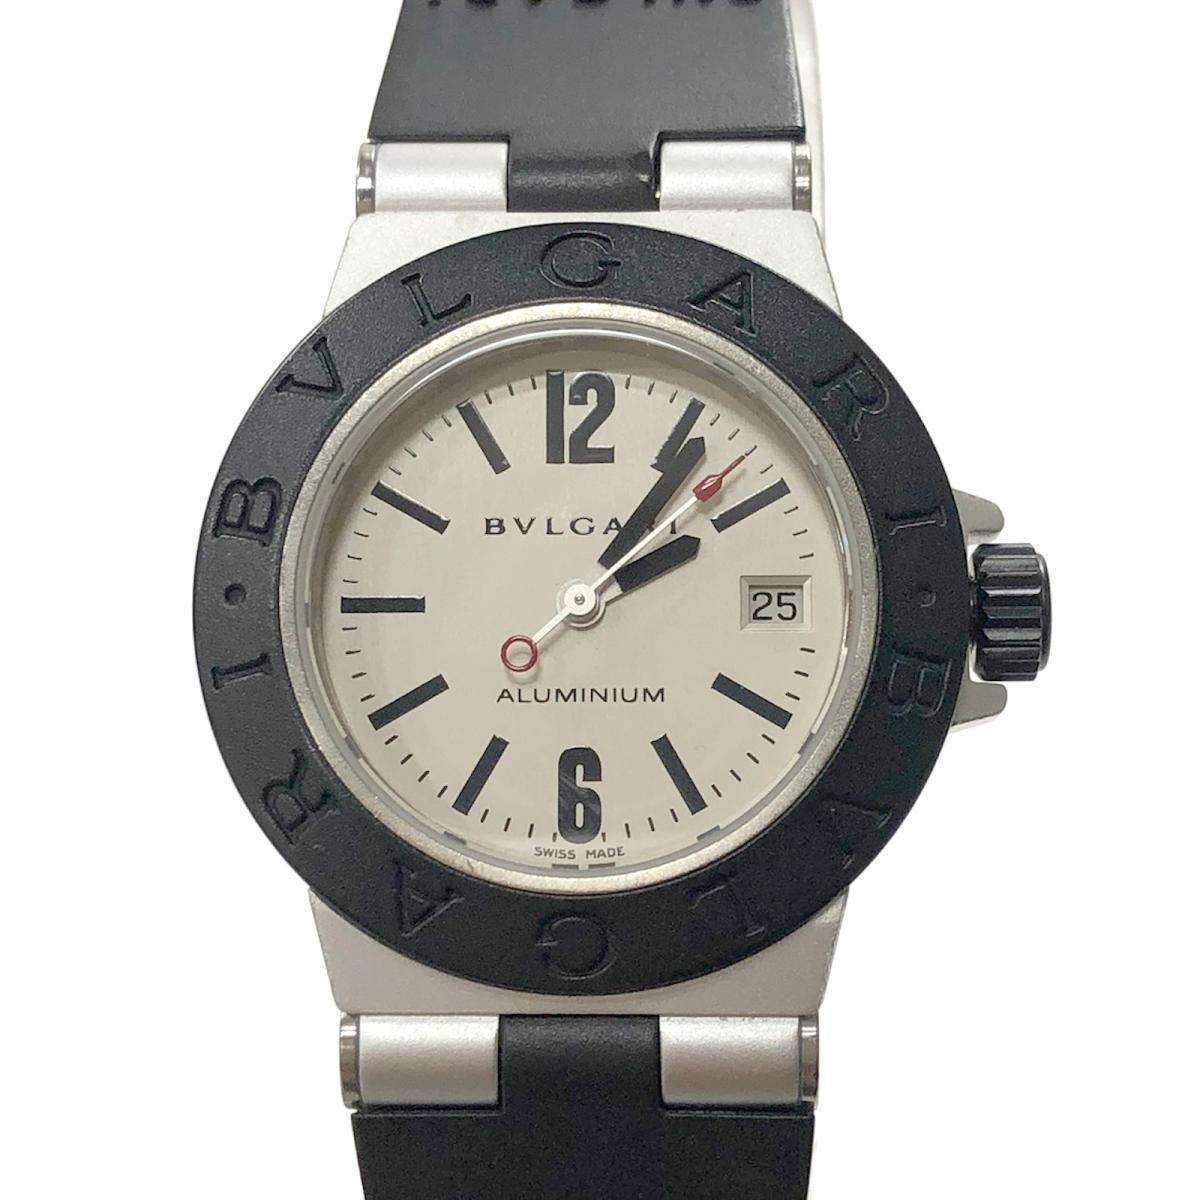 【中古】ブルガリ アルミニウム ウォッチ 腕時計 レディース ラバー x ブラック (AL29TA) | BVLGARI BRANDOFF ブランドオフ ブランド ブランド時計 ブランド腕時計 時計